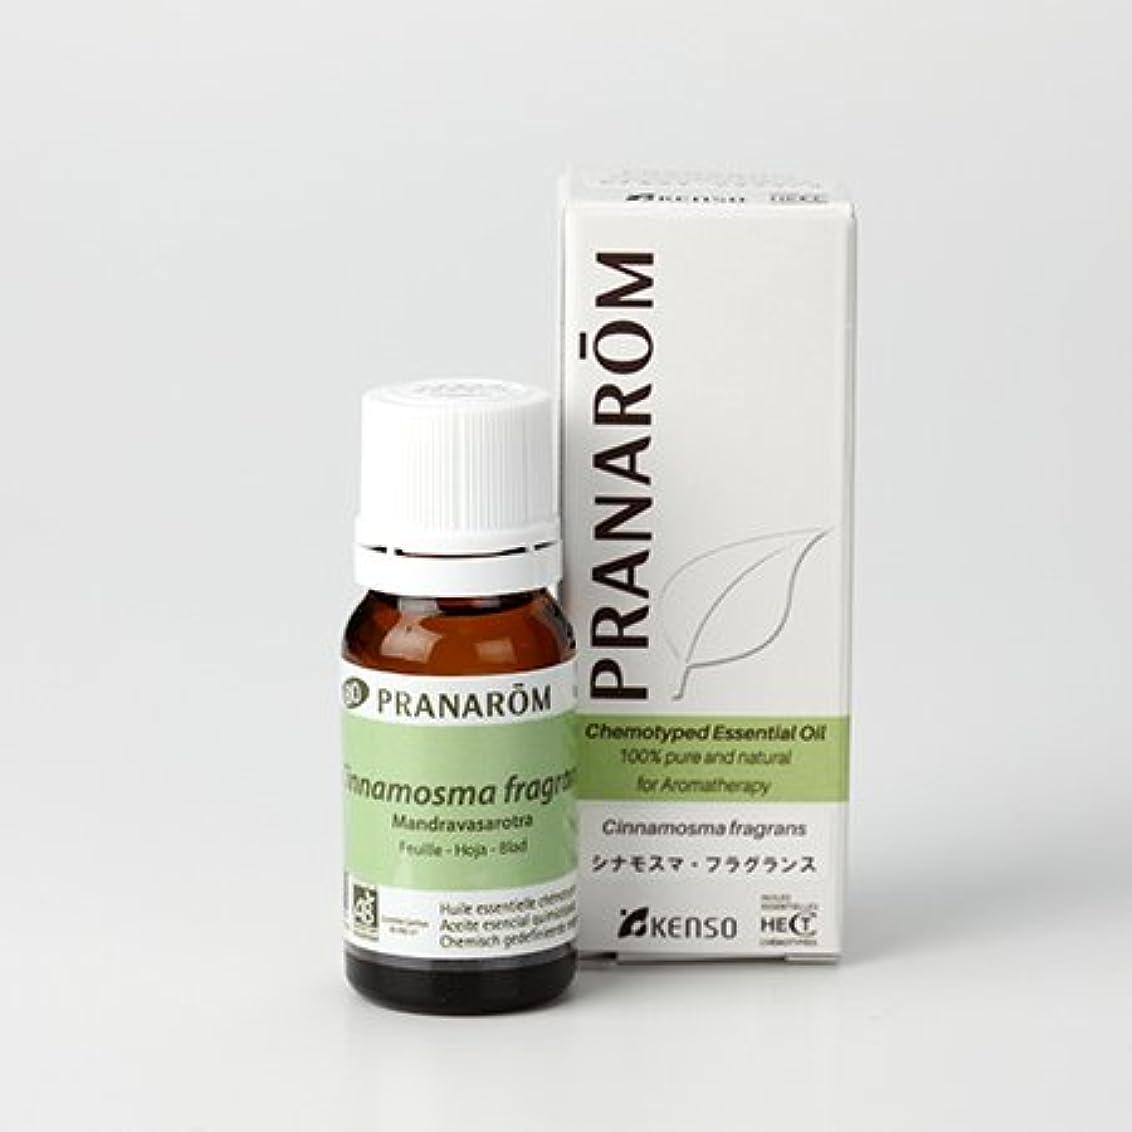 おなじみのトマトすべてプラナロム ( PRANAROM ) 精油 シナモスマ?フラグランス 10ml p-32